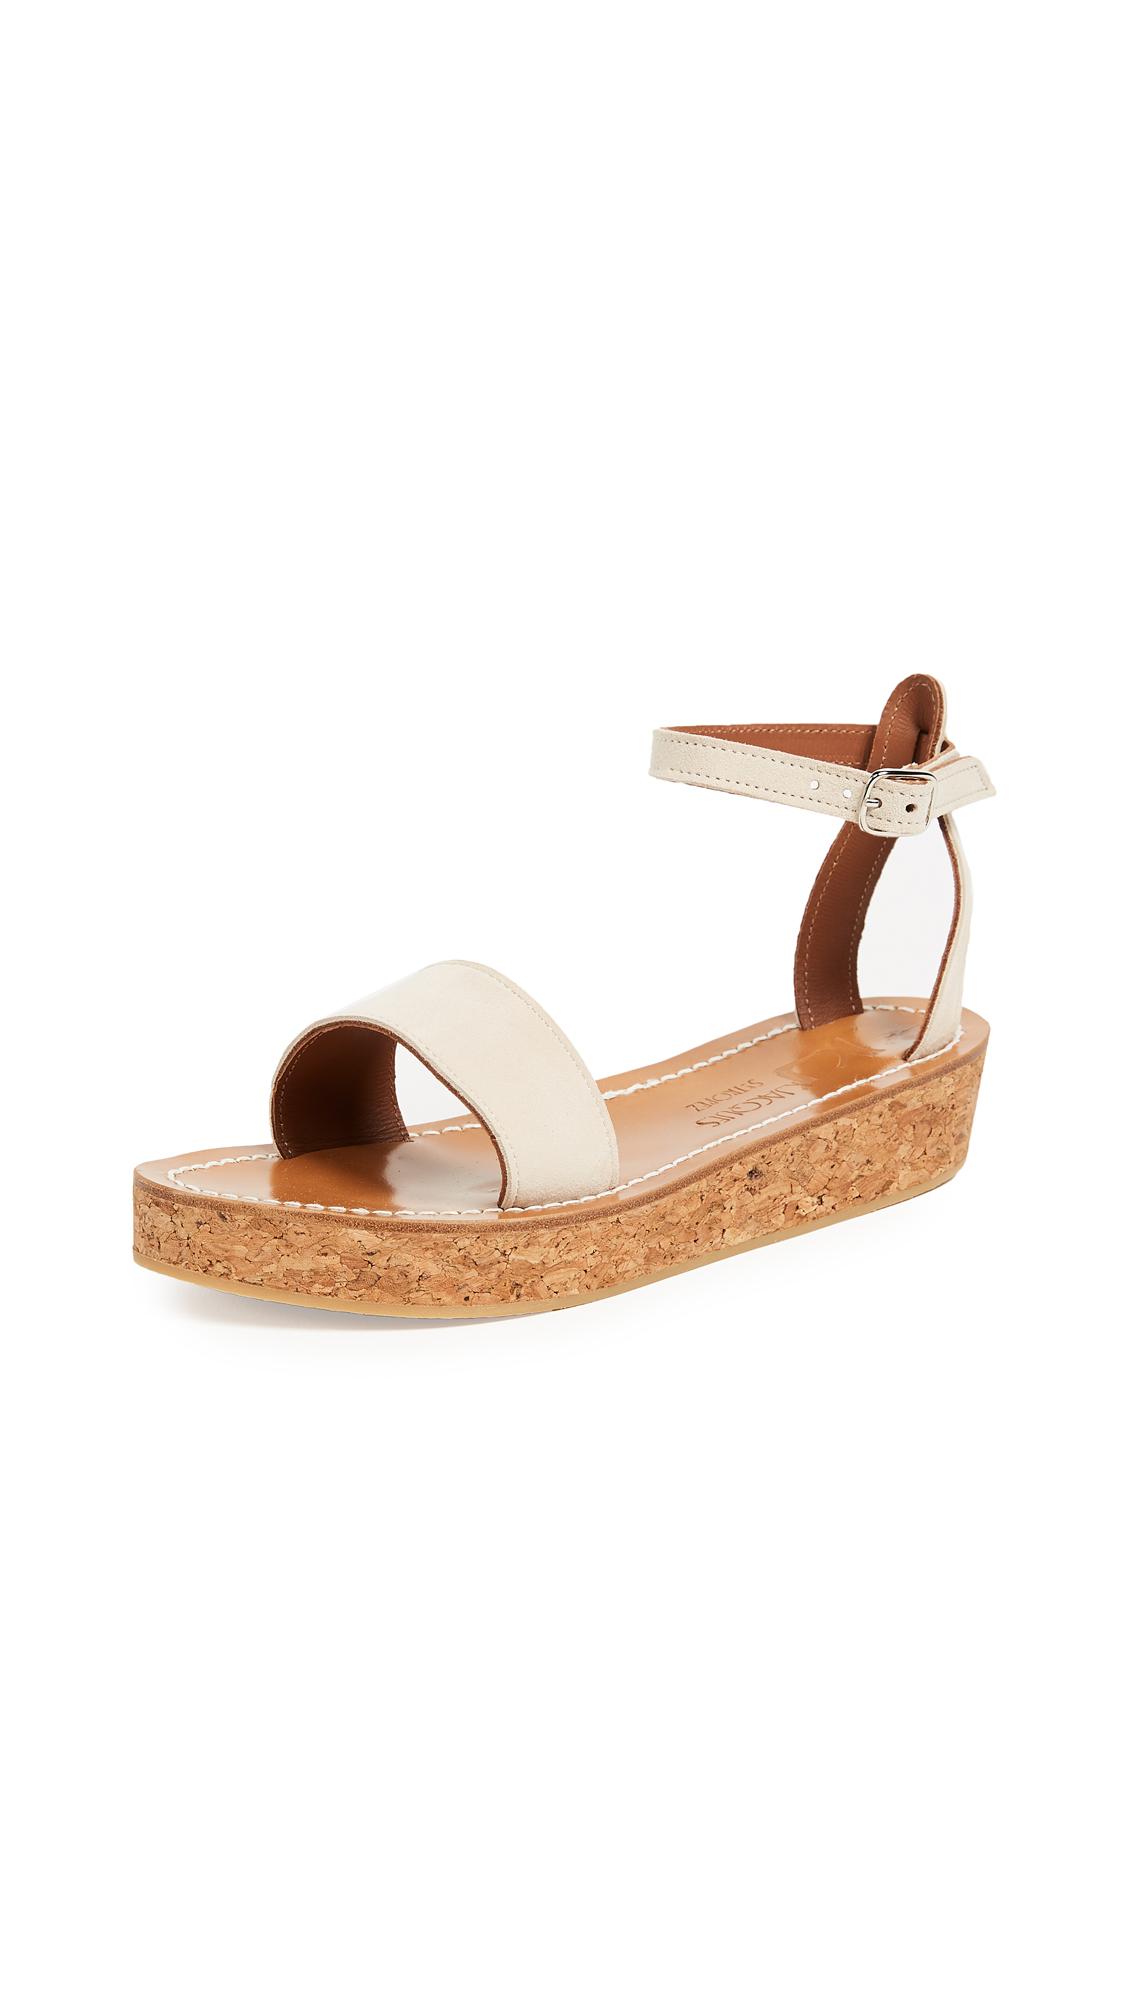 K. Jacques Talloire Flatform Sandals - Velours Ecru